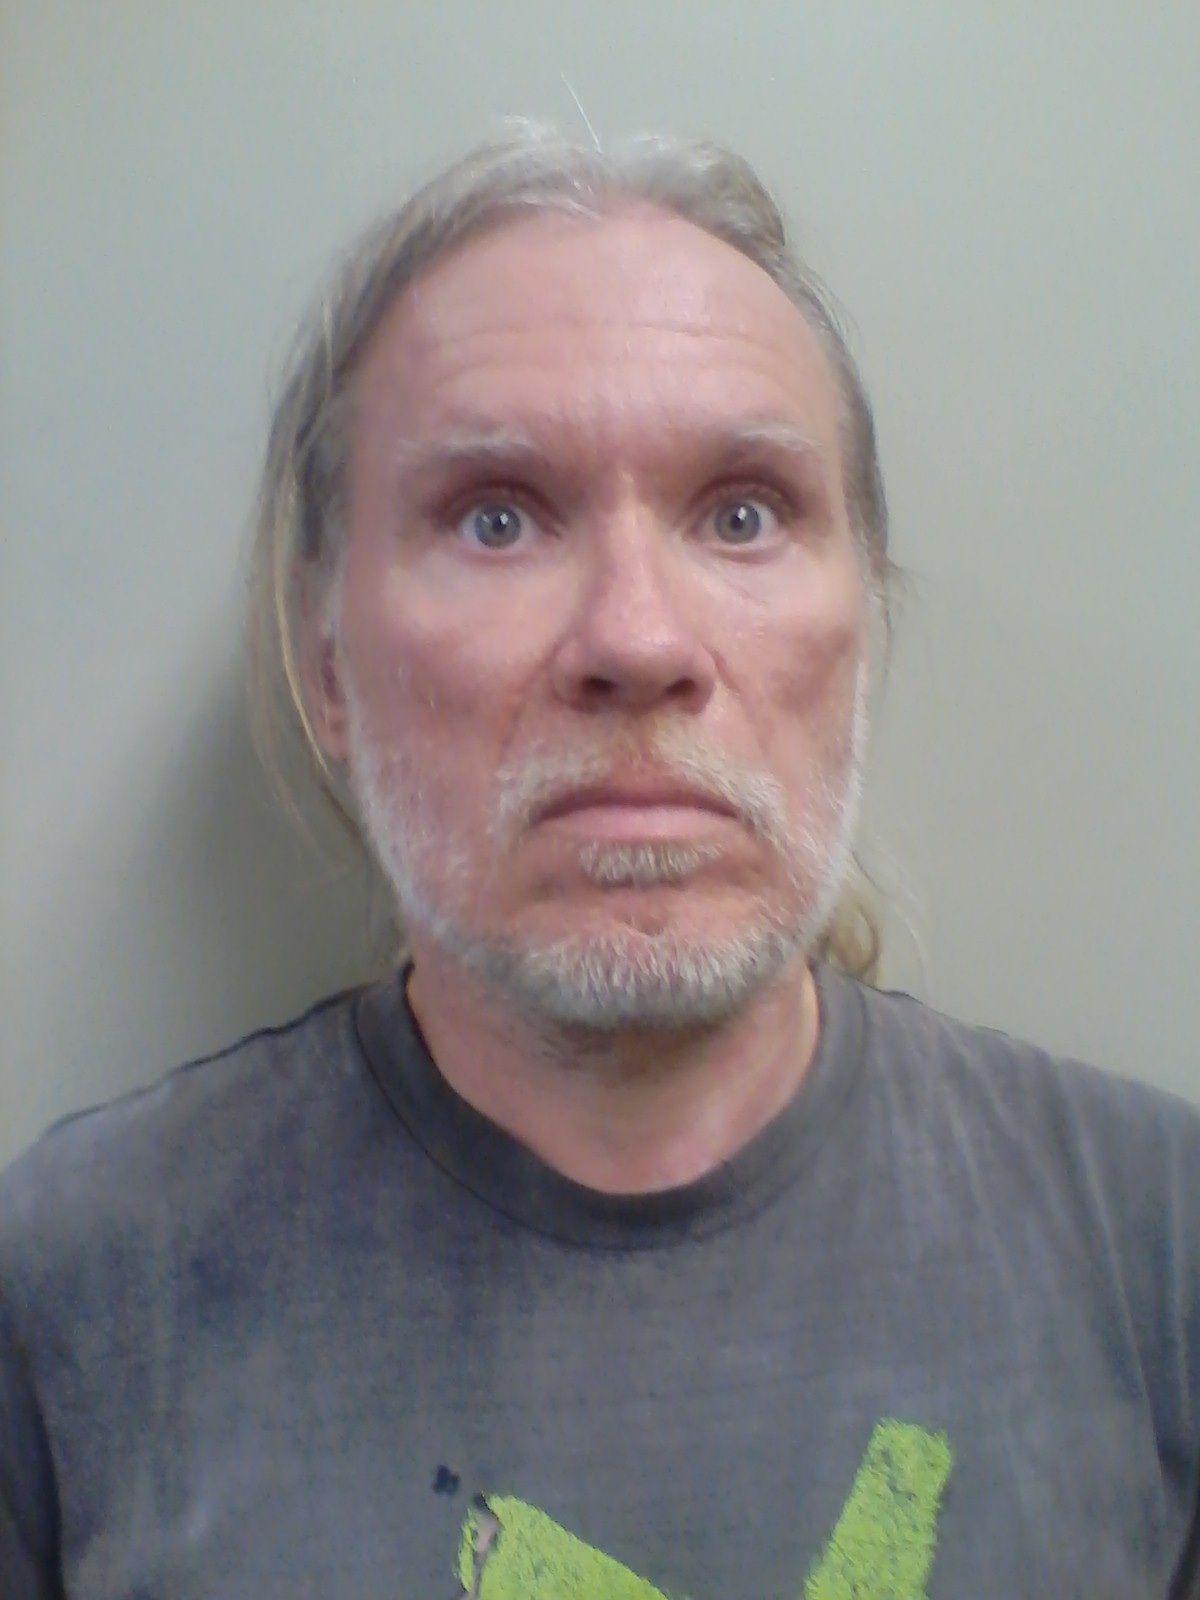 wv sex offender registry mercer co in Lexington